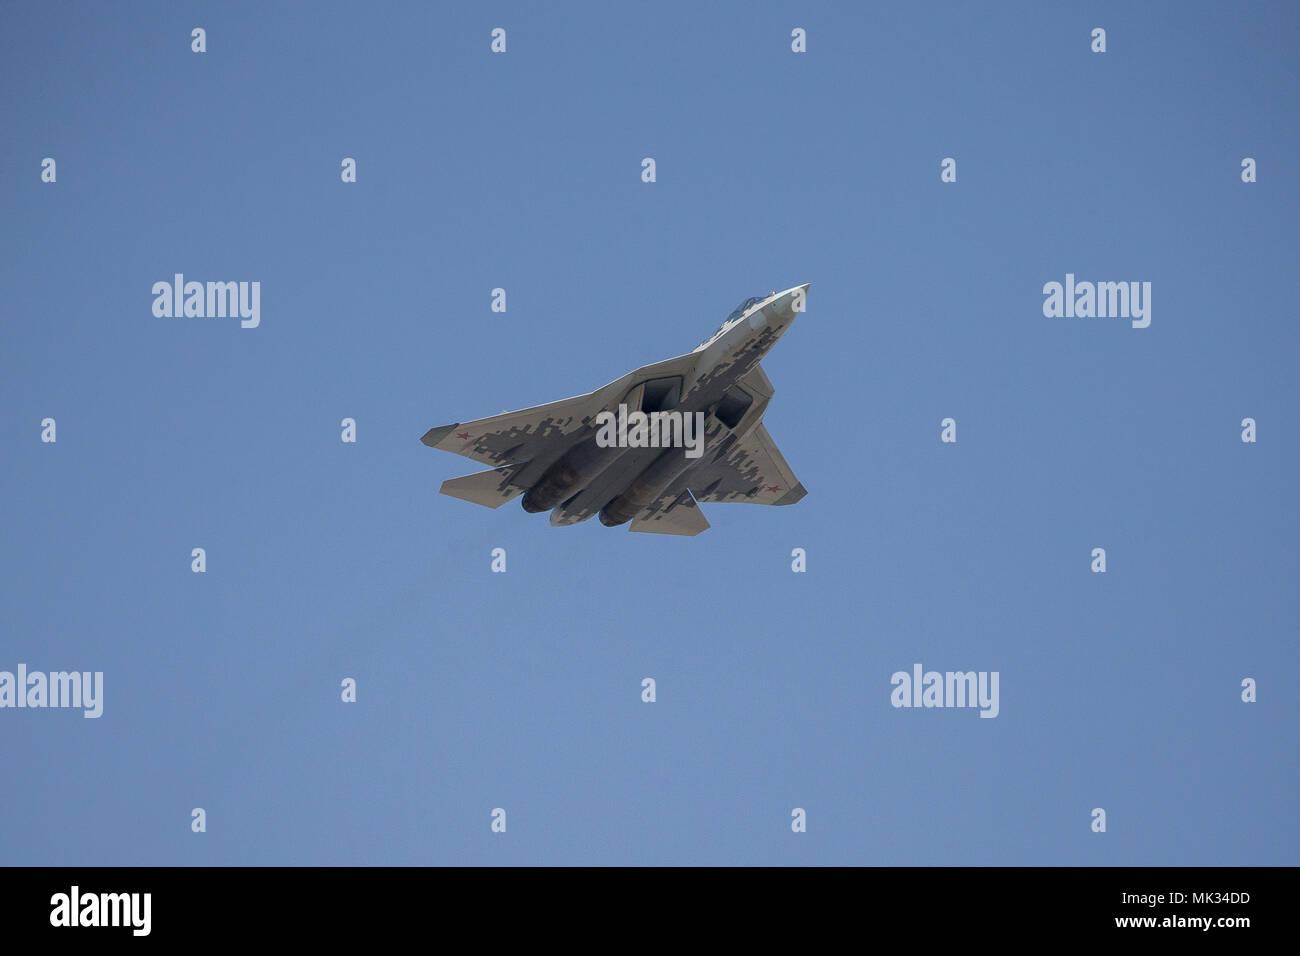 Su 57 Imágenes De Stock & Su 57 Fotos De Stock - Alamy